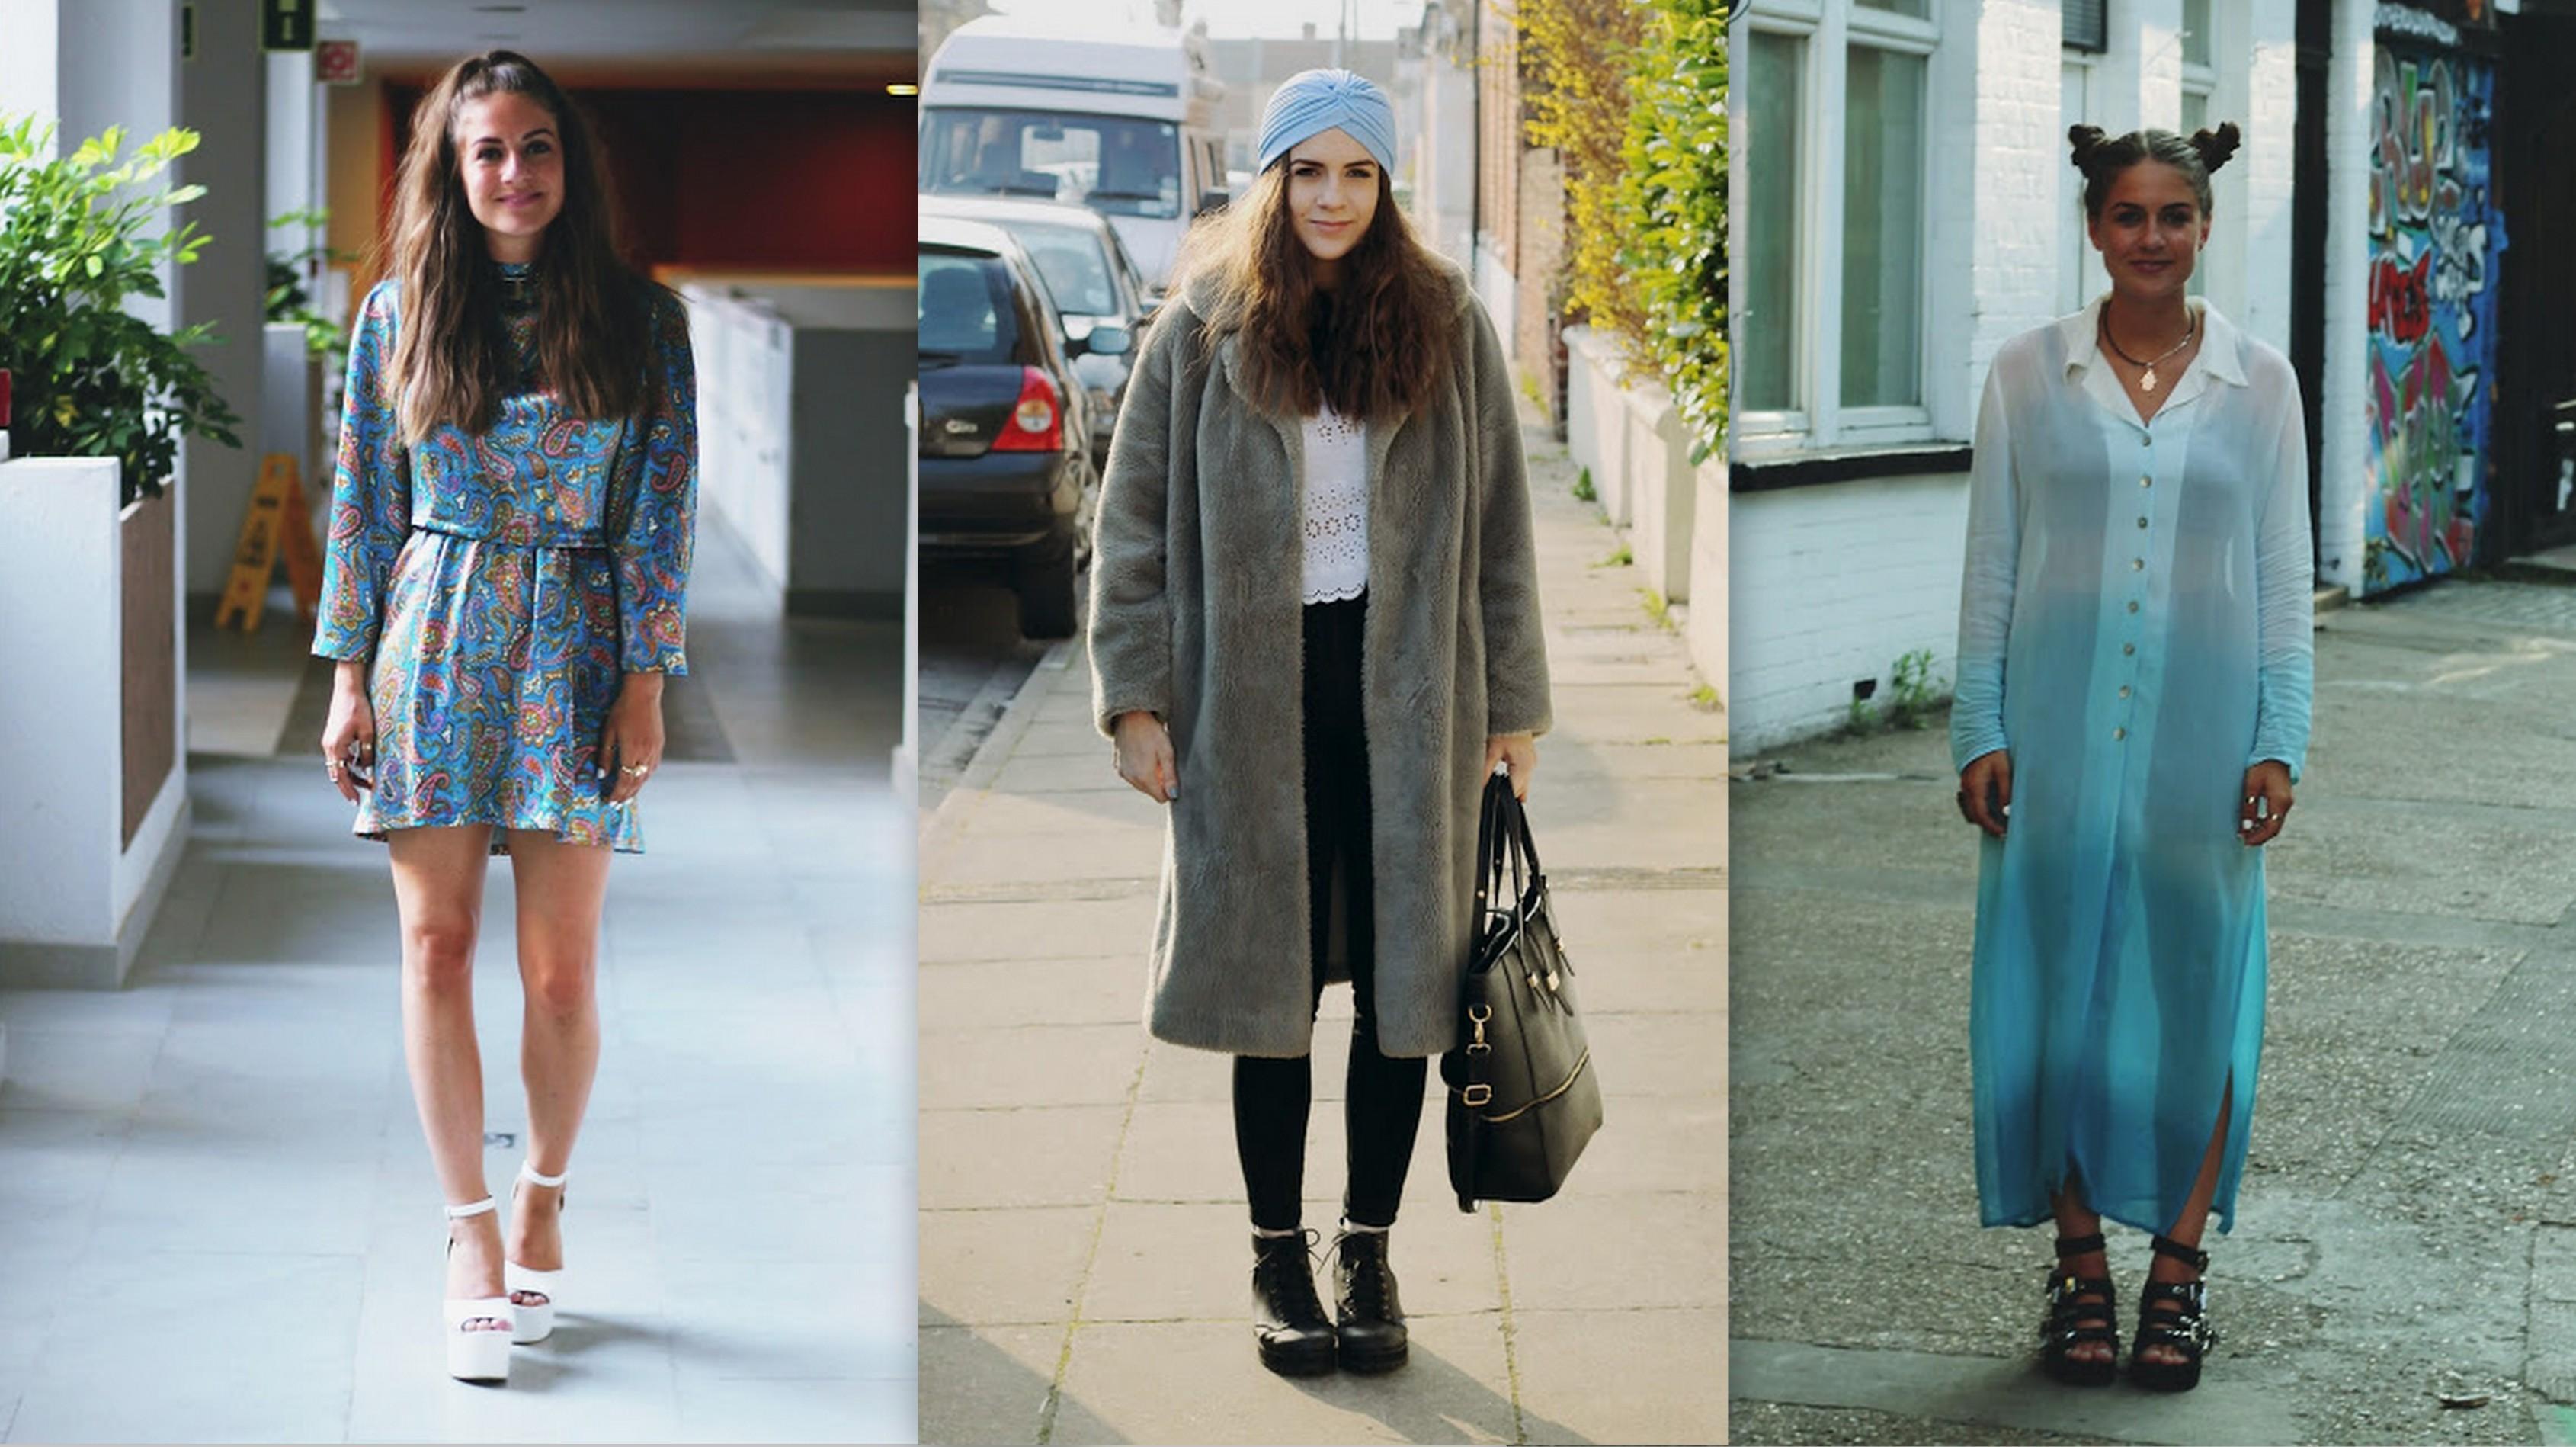 bells fashion1